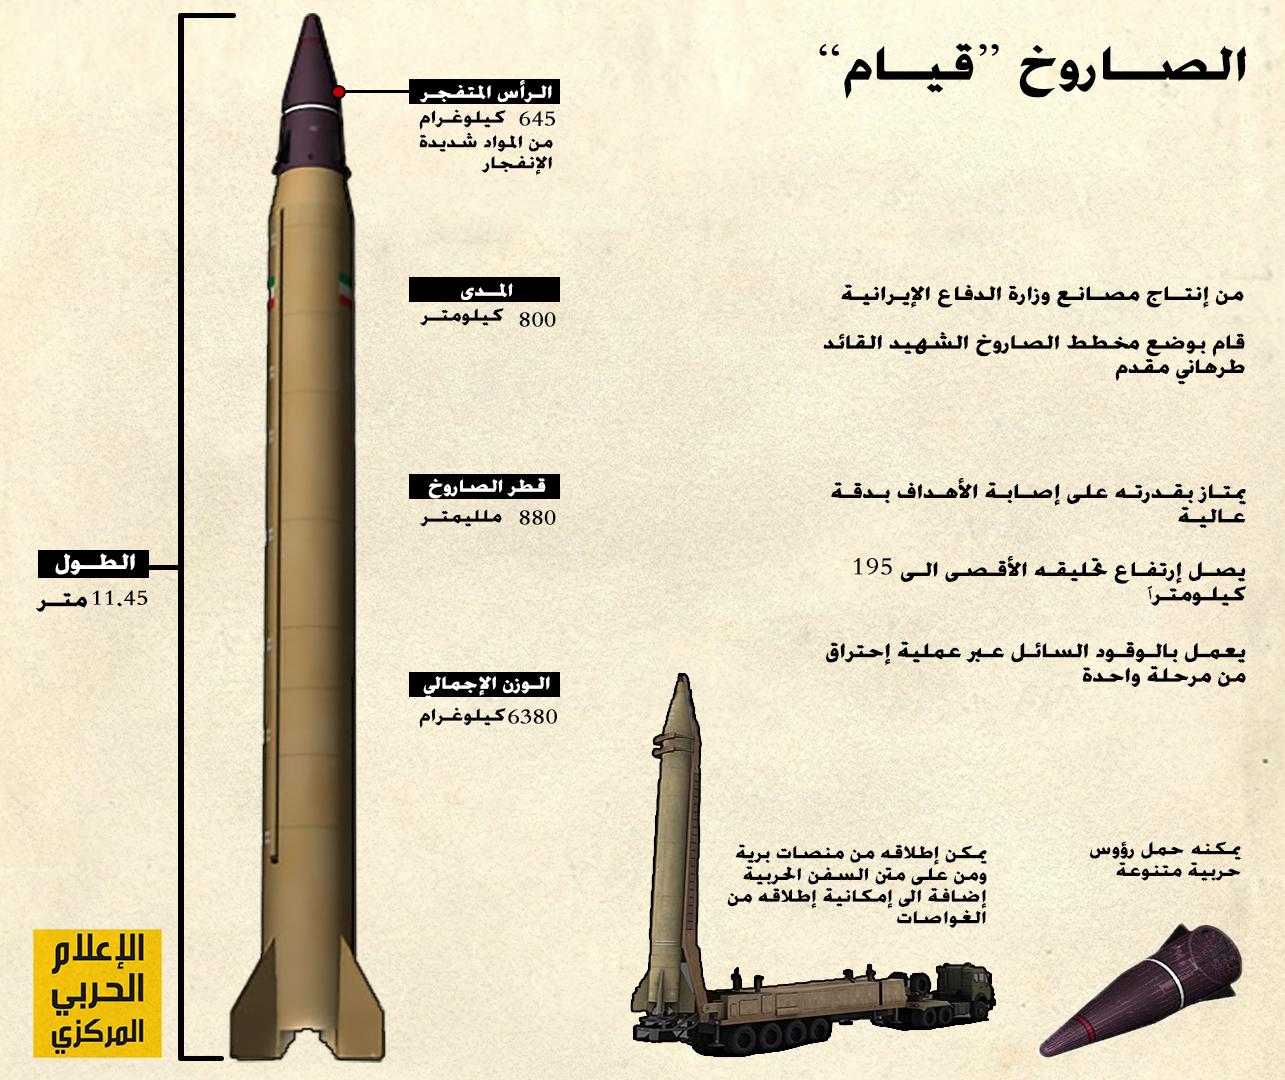 نتيجة بحث الصور عن صاروخ قيام الايراني الباليستي